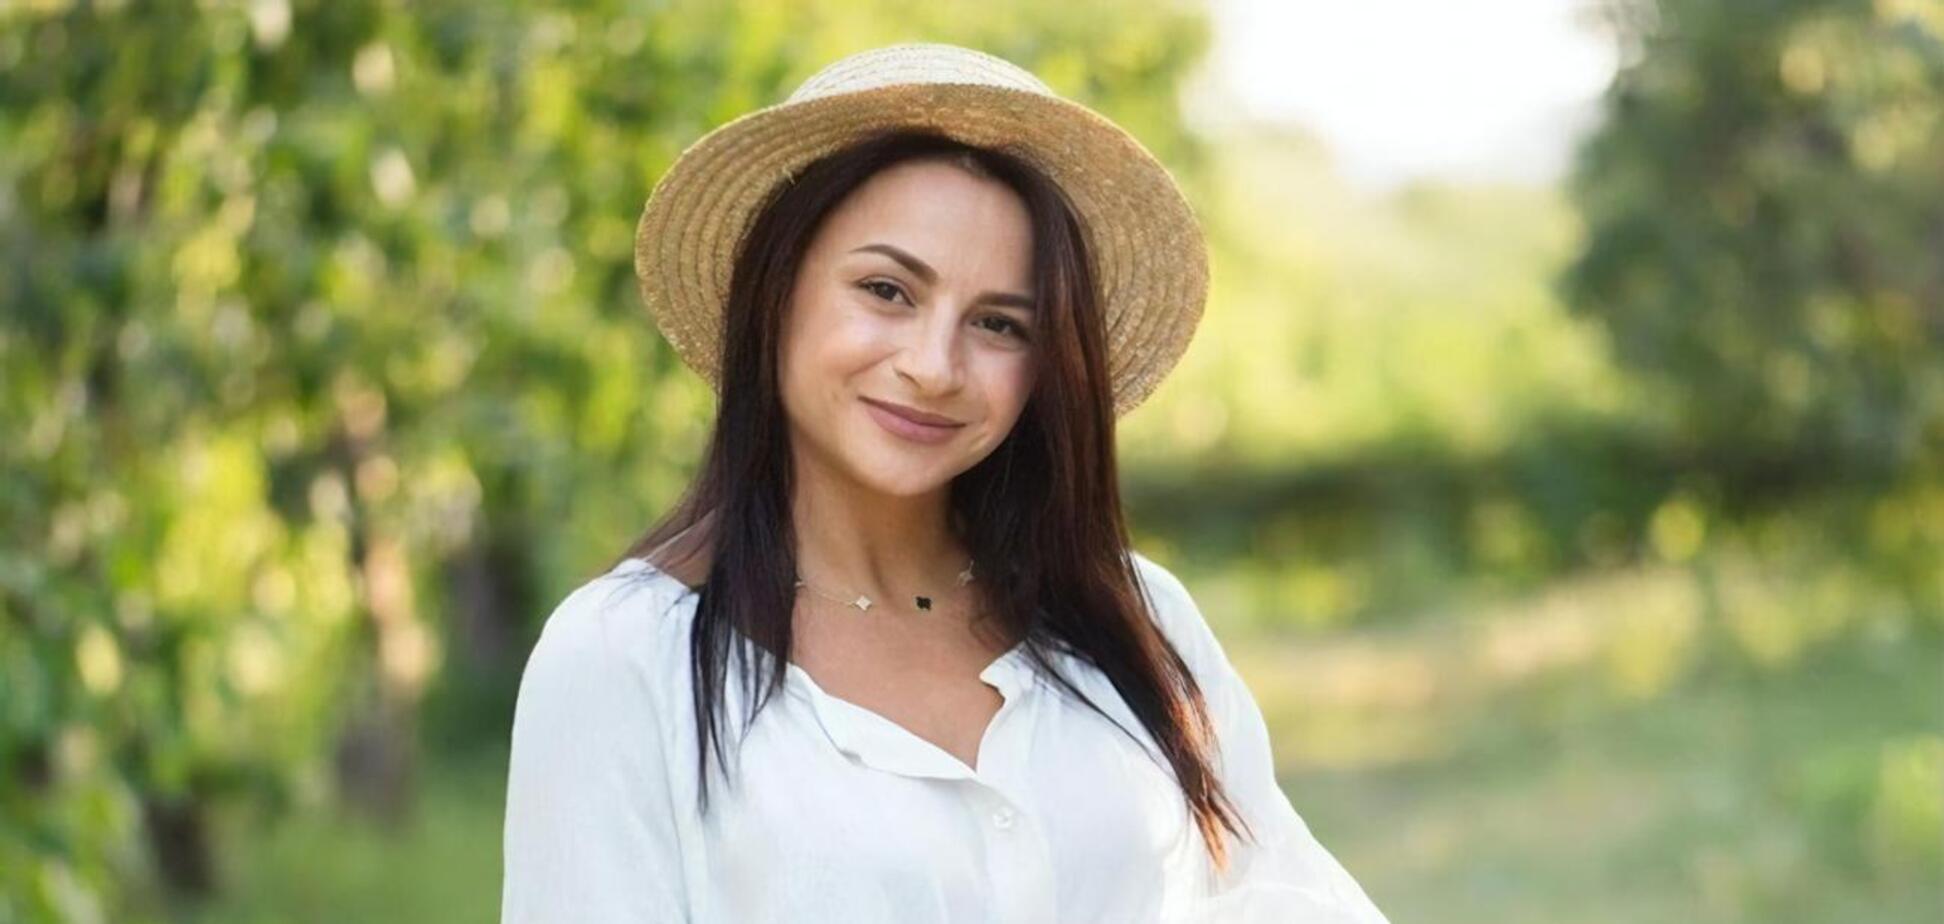 Илона Гвоздева стала мамой второй раз